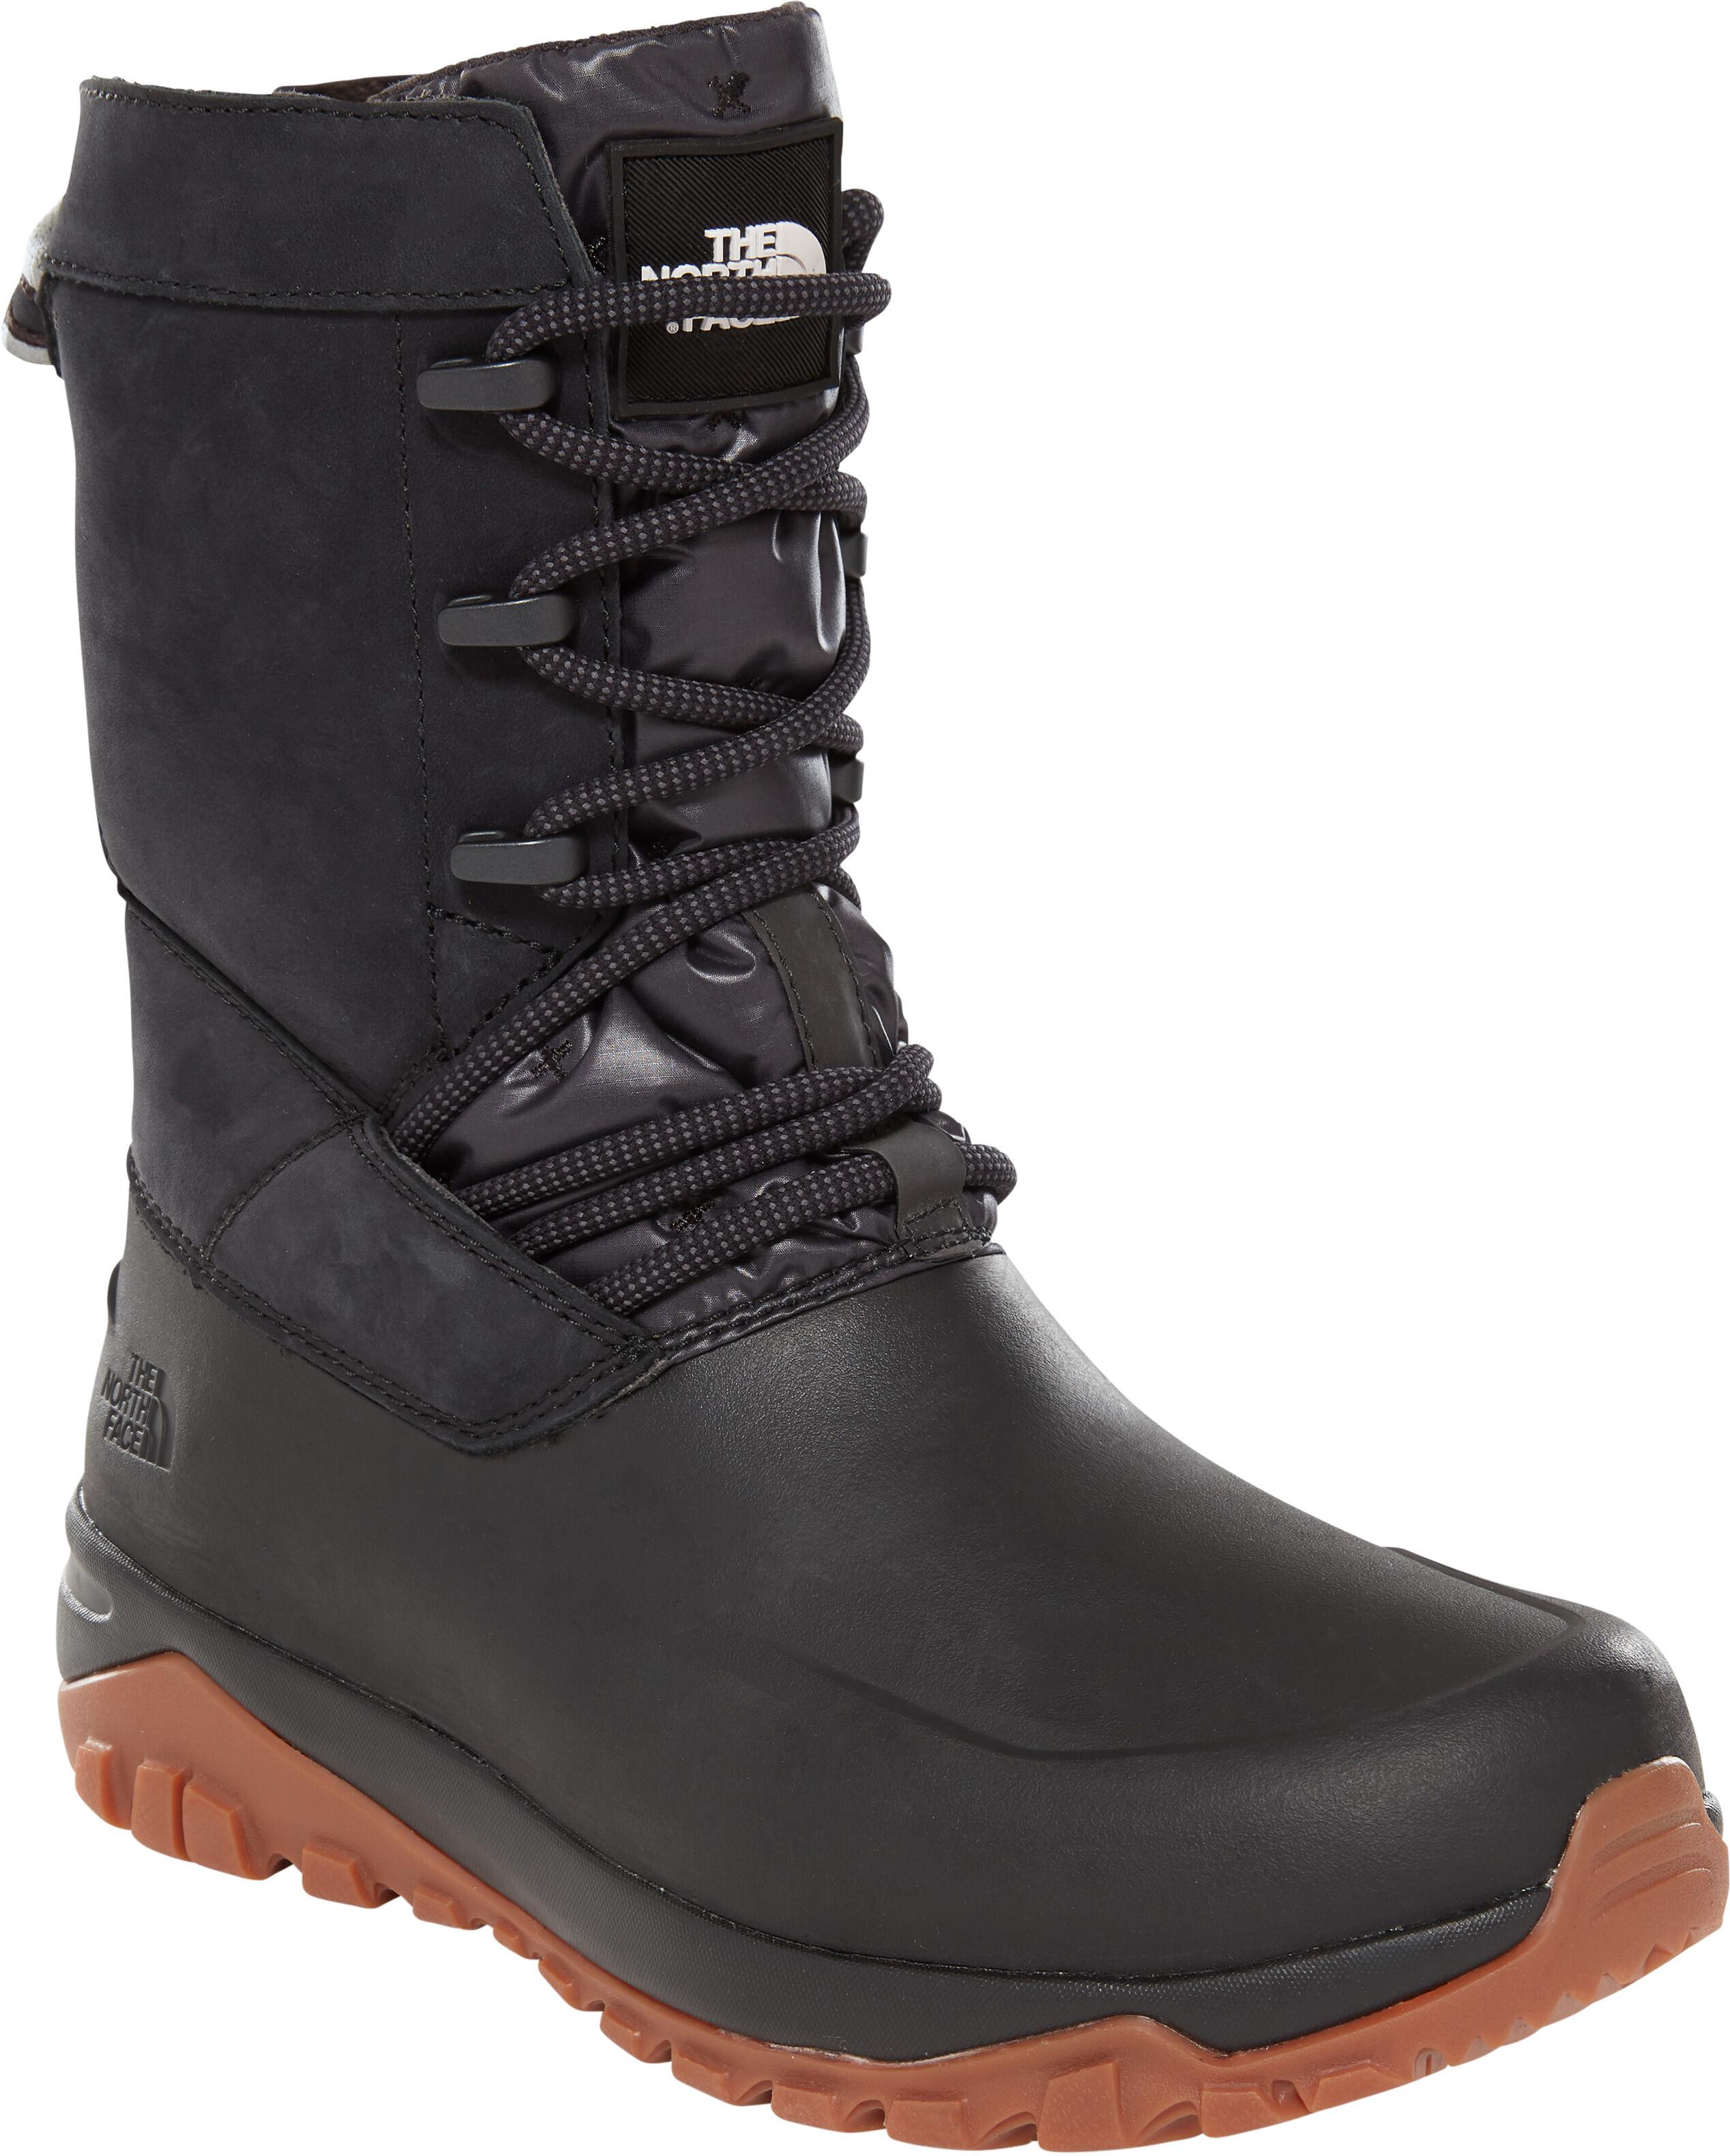 b5989fa613 The North Face Yukiona Mid Boots Damen tnf black/tnf black | campz.de